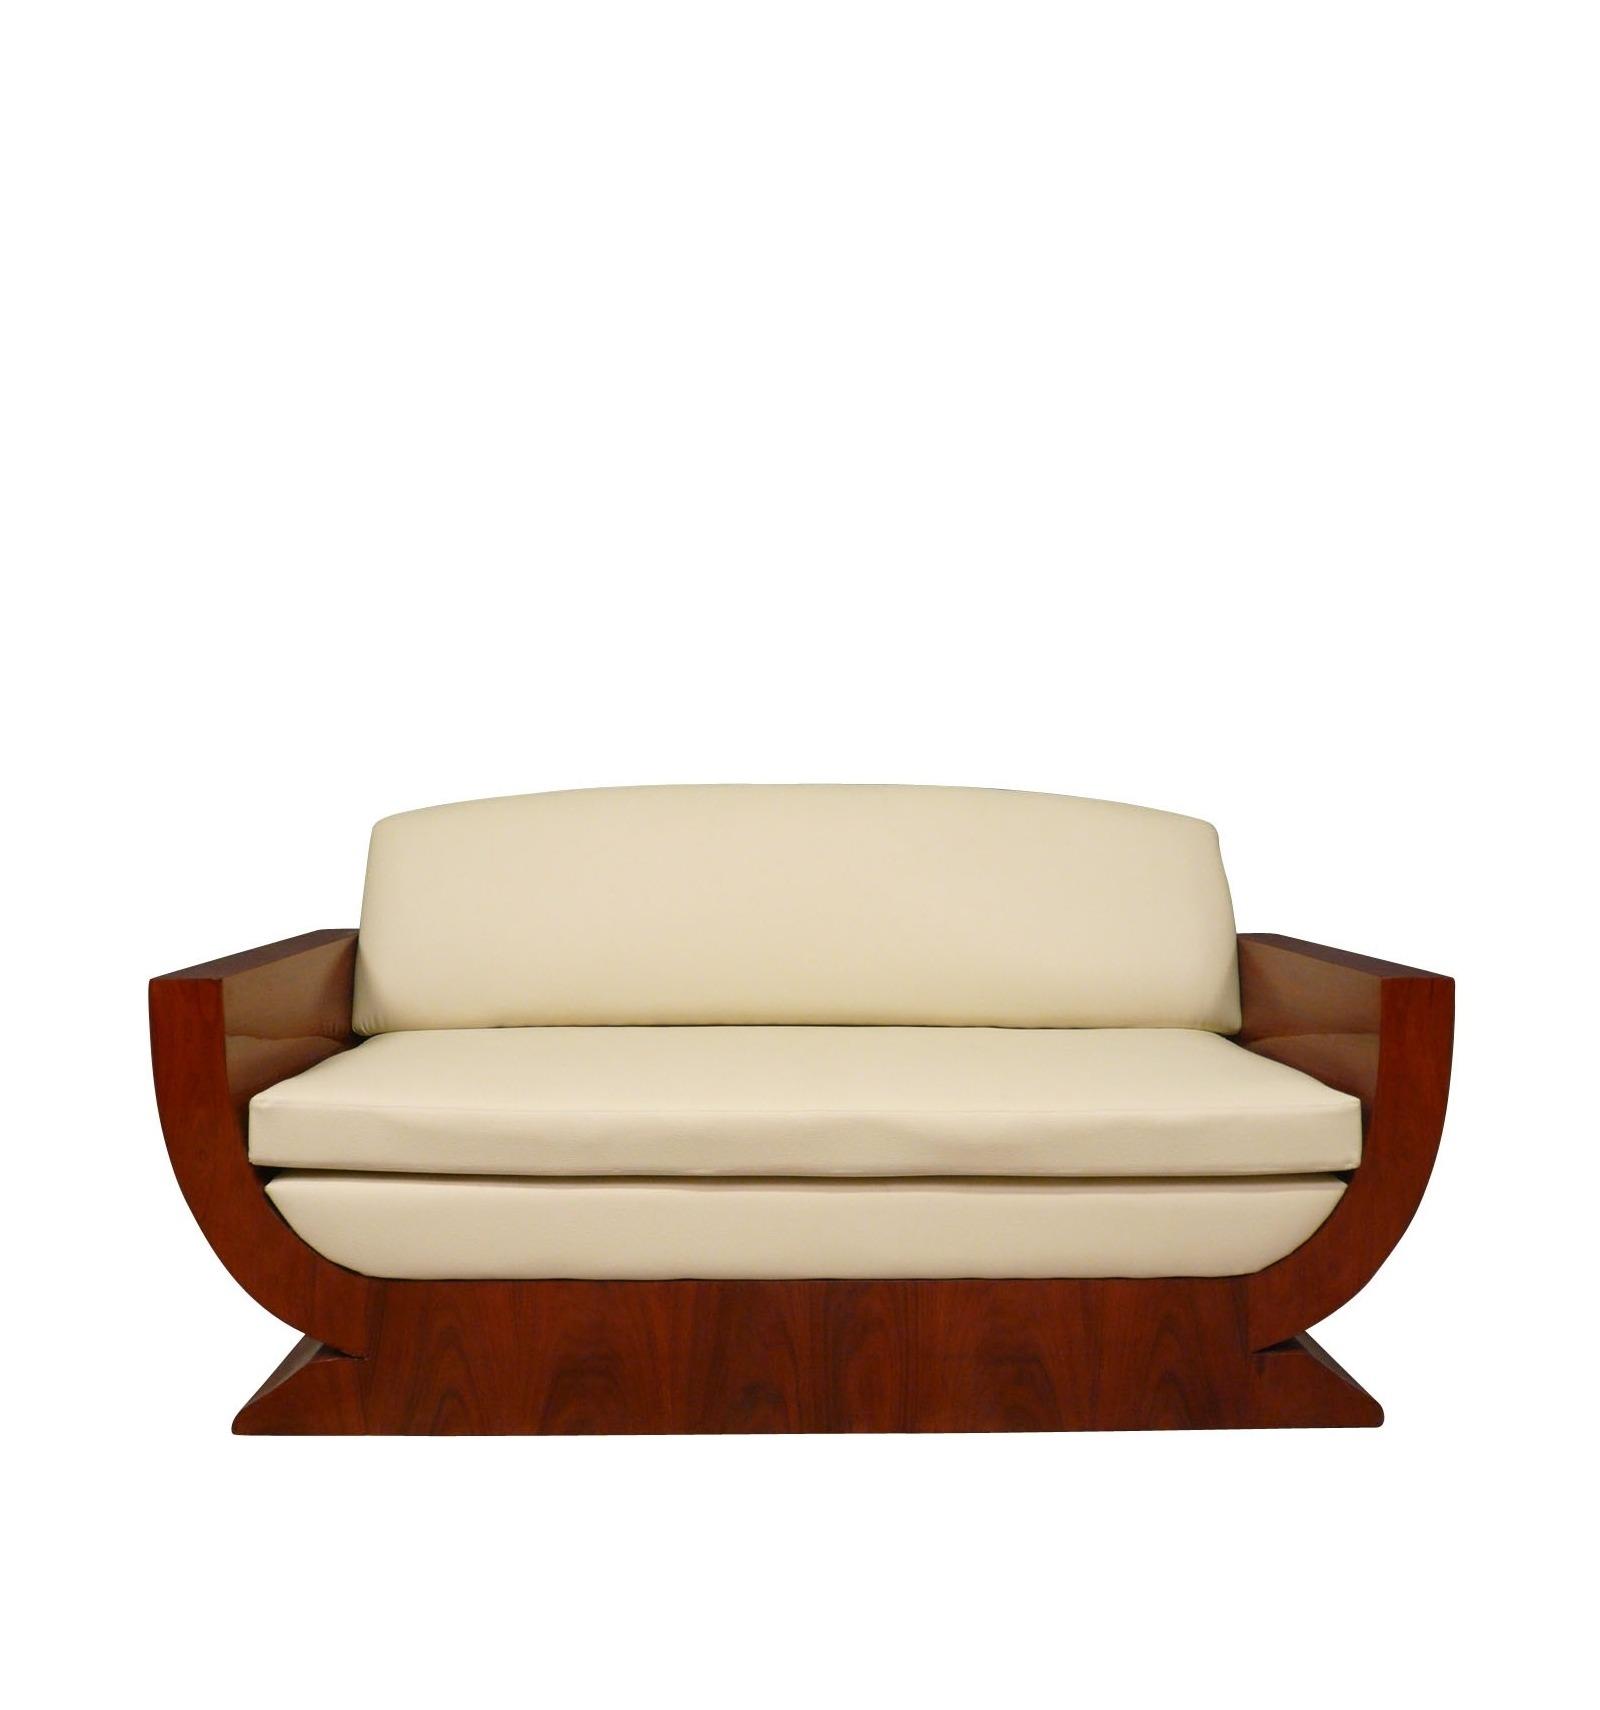 canap art d co en palissandre meubles art d co. Black Bedroom Furniture Sets. Home Design Ideas